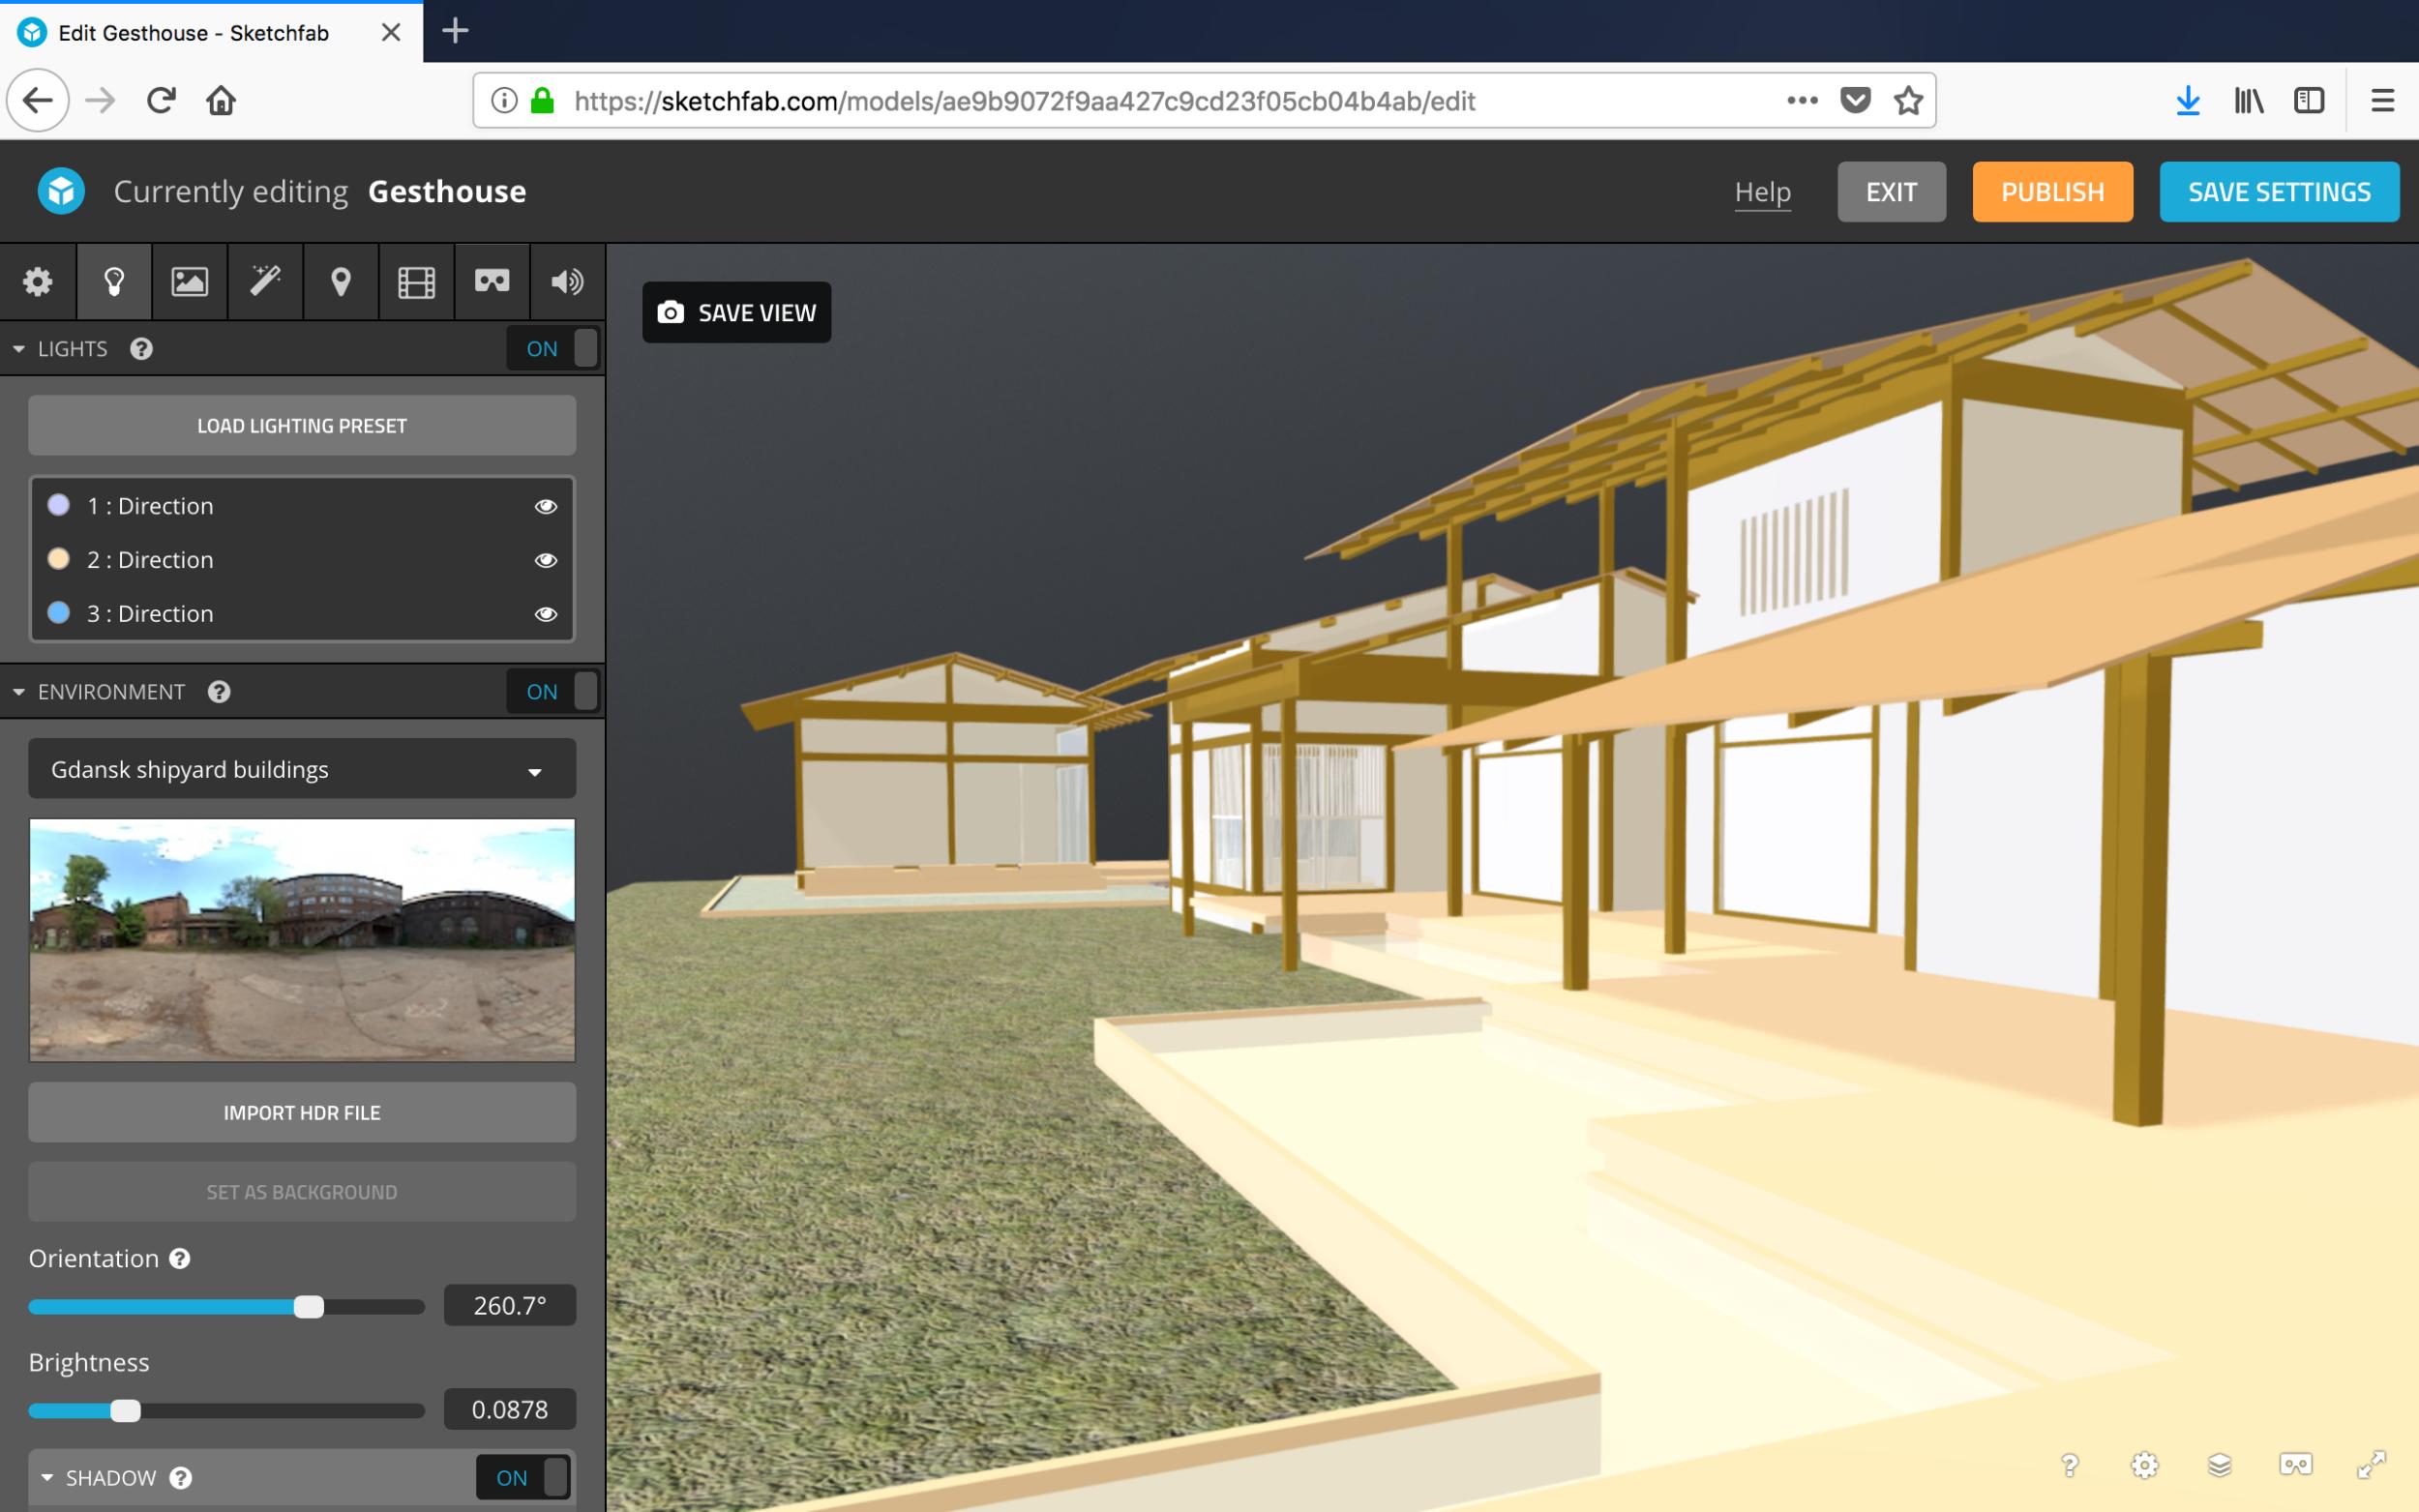 """3DデータのままシェアできちゃうSNS""""Sketchfab""""の使い方 ~アップロード編~"""